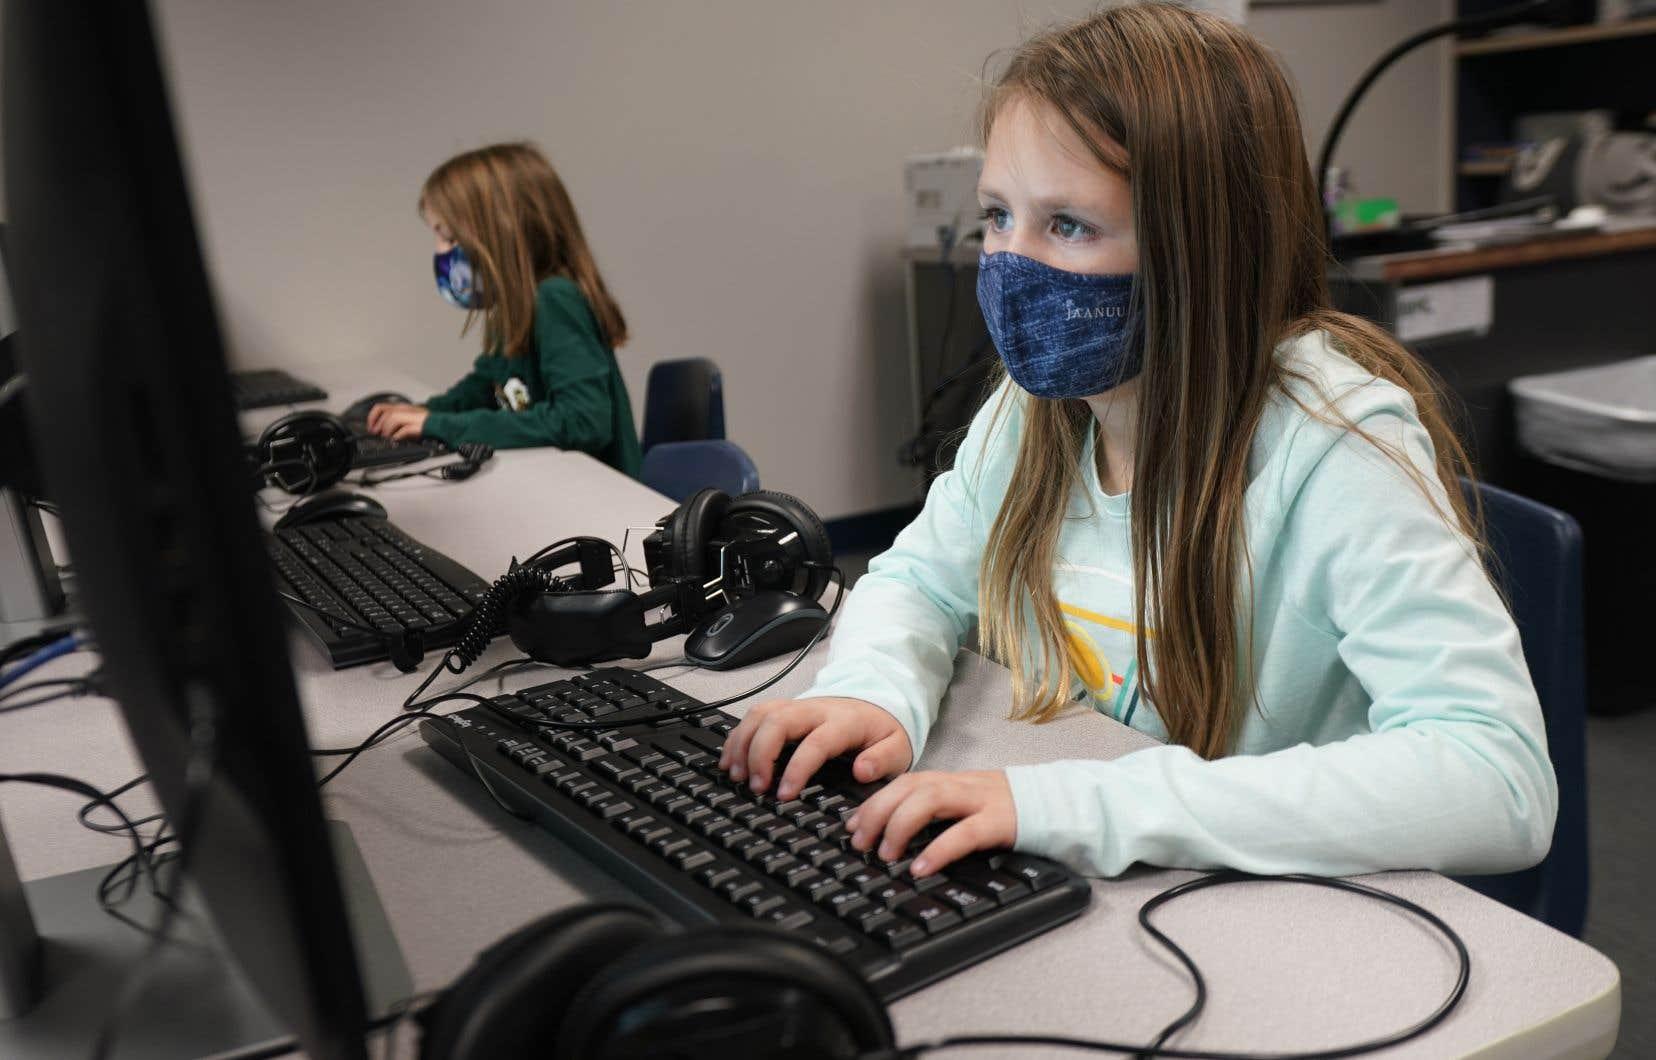 À l'échelle mondiale, la révolution technologique de l'école primaire et secondaire est perçue comme une occasion d'affaires de plusieurs dizaines de milliards de dollars.